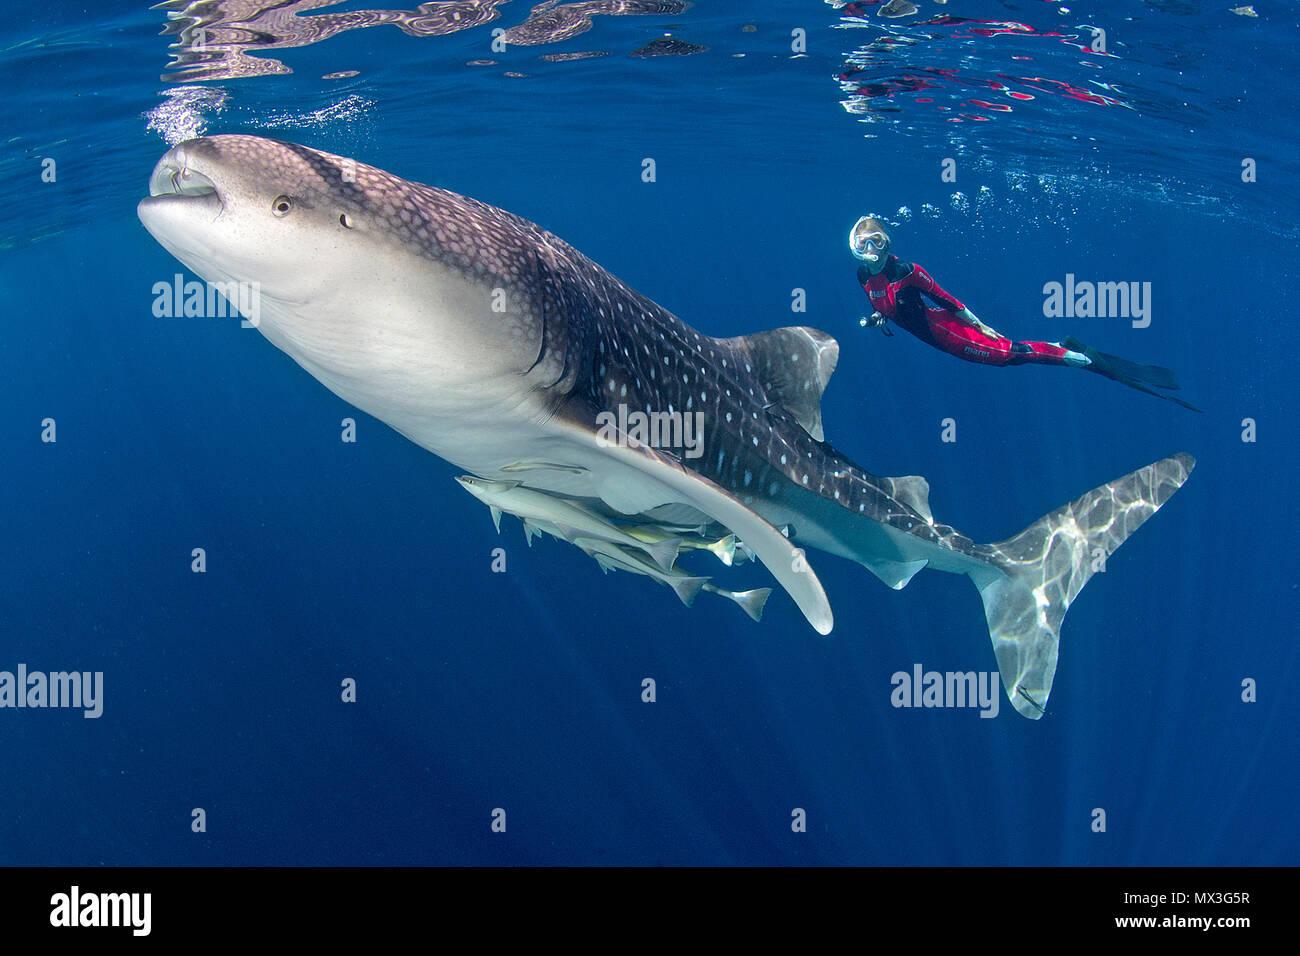 Groessenvergleich, Schnorchler und Walhai (Rhincodon typus), groesster Fisch der Welt, Cenderawasih Bucht, Irian Jaya, West-Papua, Indonesien, Asien | - Stock Image